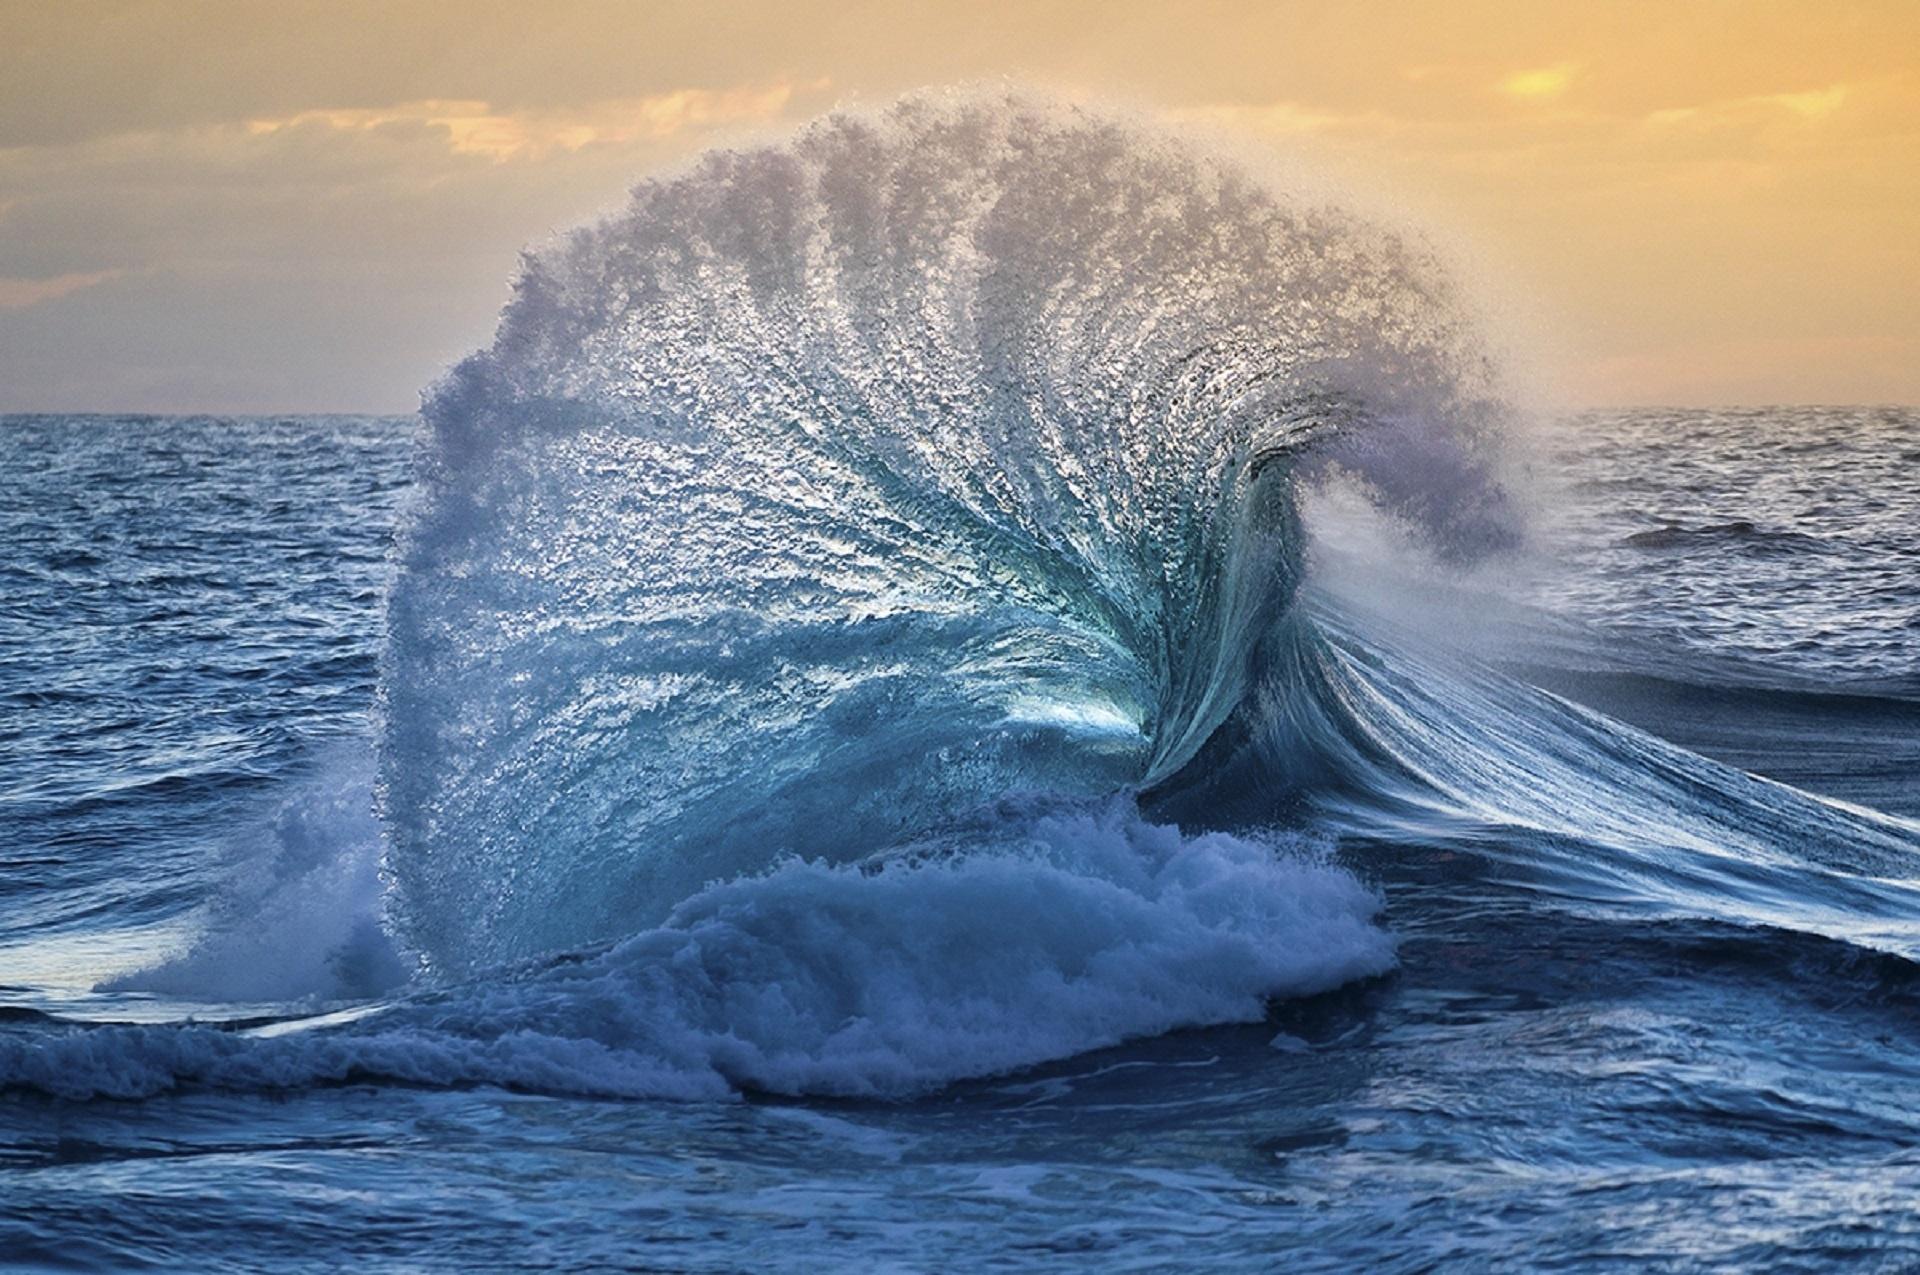 Класс, картинка красота моря